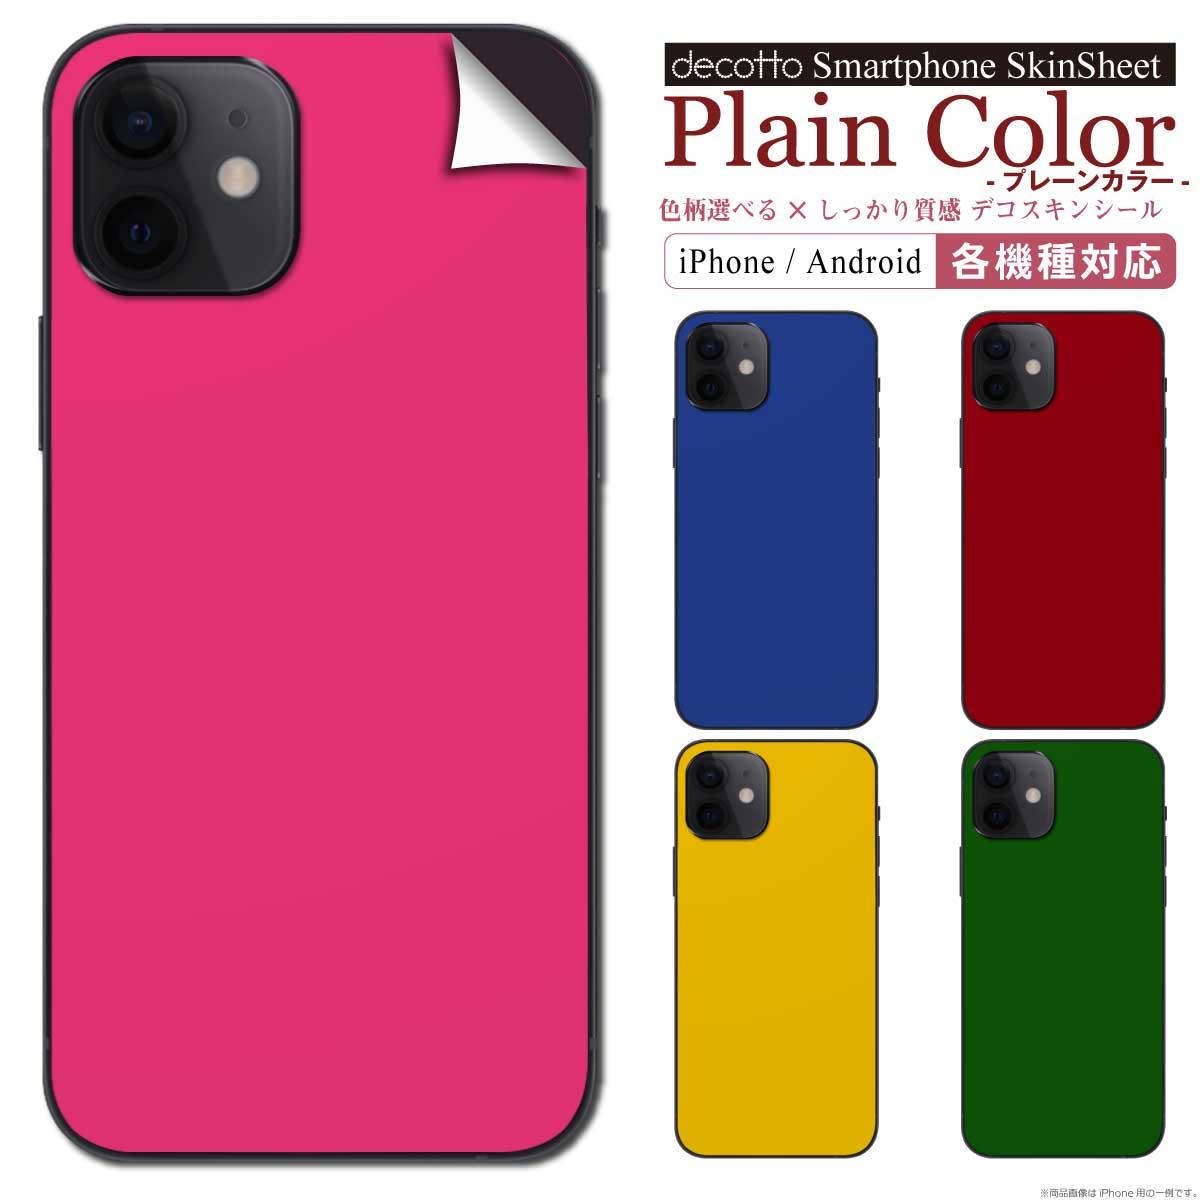 デコットしよ 手軽にスマホを着せ替え プレーンカラー柄-裏面対応 iPhone Android 各機種専用デコ電 着せ替えシート スマートフォン200機種以上に対応 スキンシール decotto deco-1 超歓迎された 新色 \e 傷指紋から守る